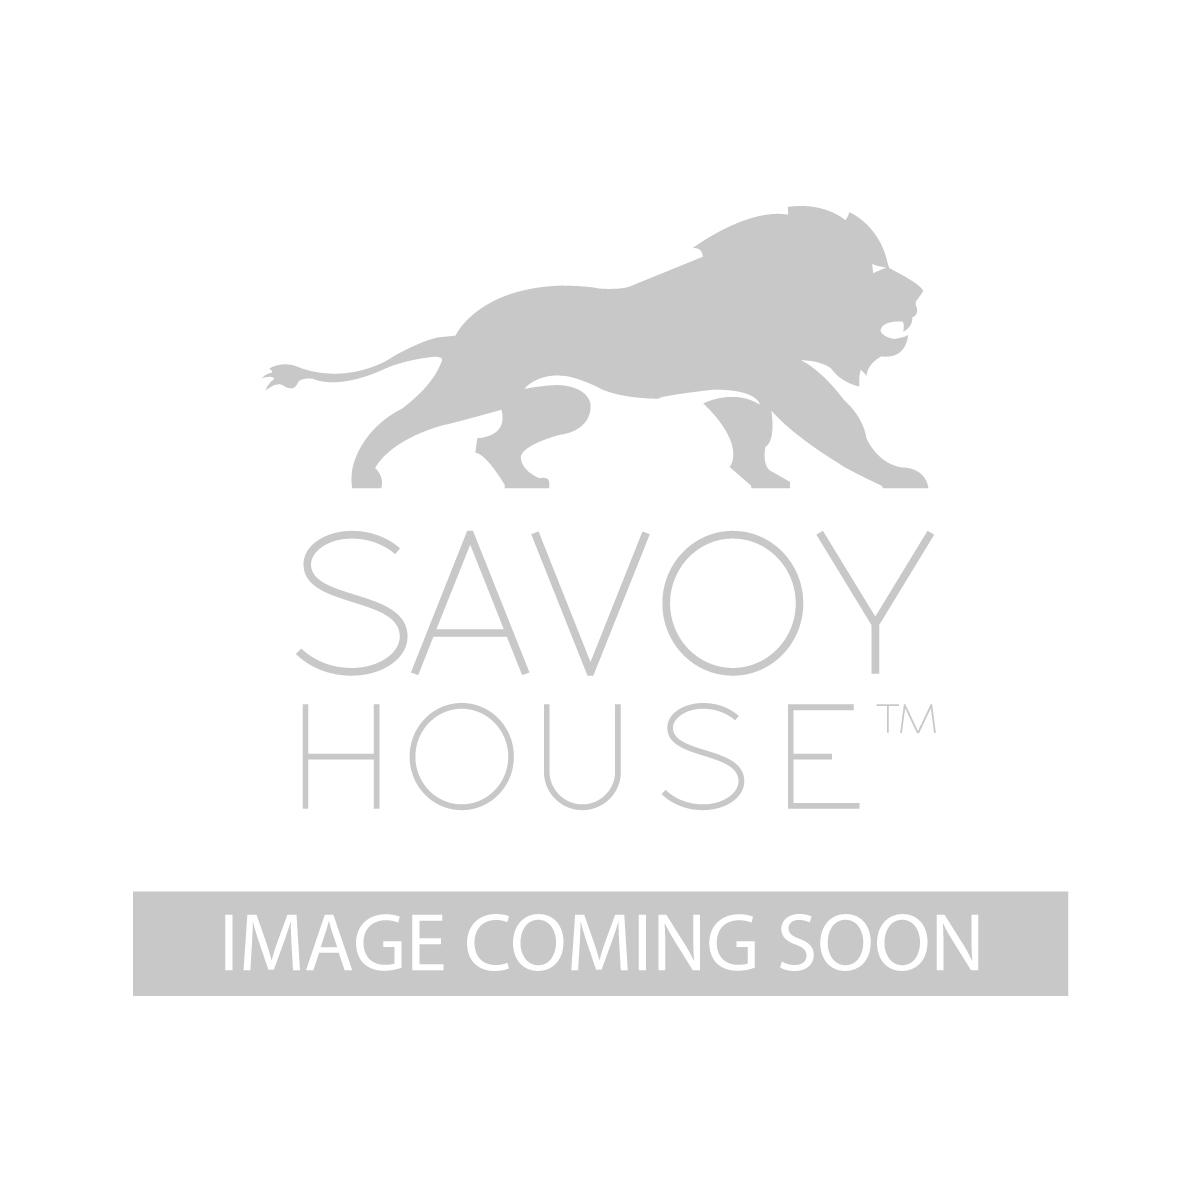 55 818 3CN SN Ariel 55 inch 3 Blade Ceiling Fan by Savoy House